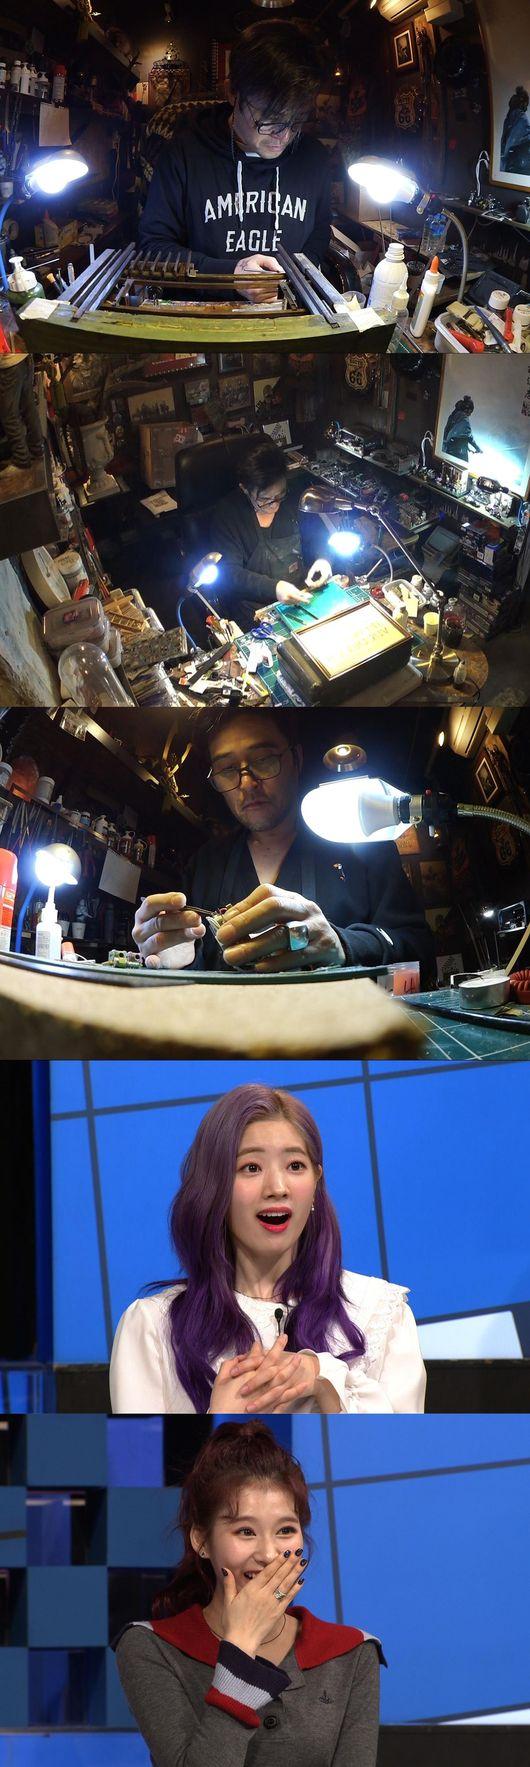 '가로채널' 최민수, 천진난만 아이로 변신? 디오라마 장인정신 발휘 [Oh!쎈 컷]